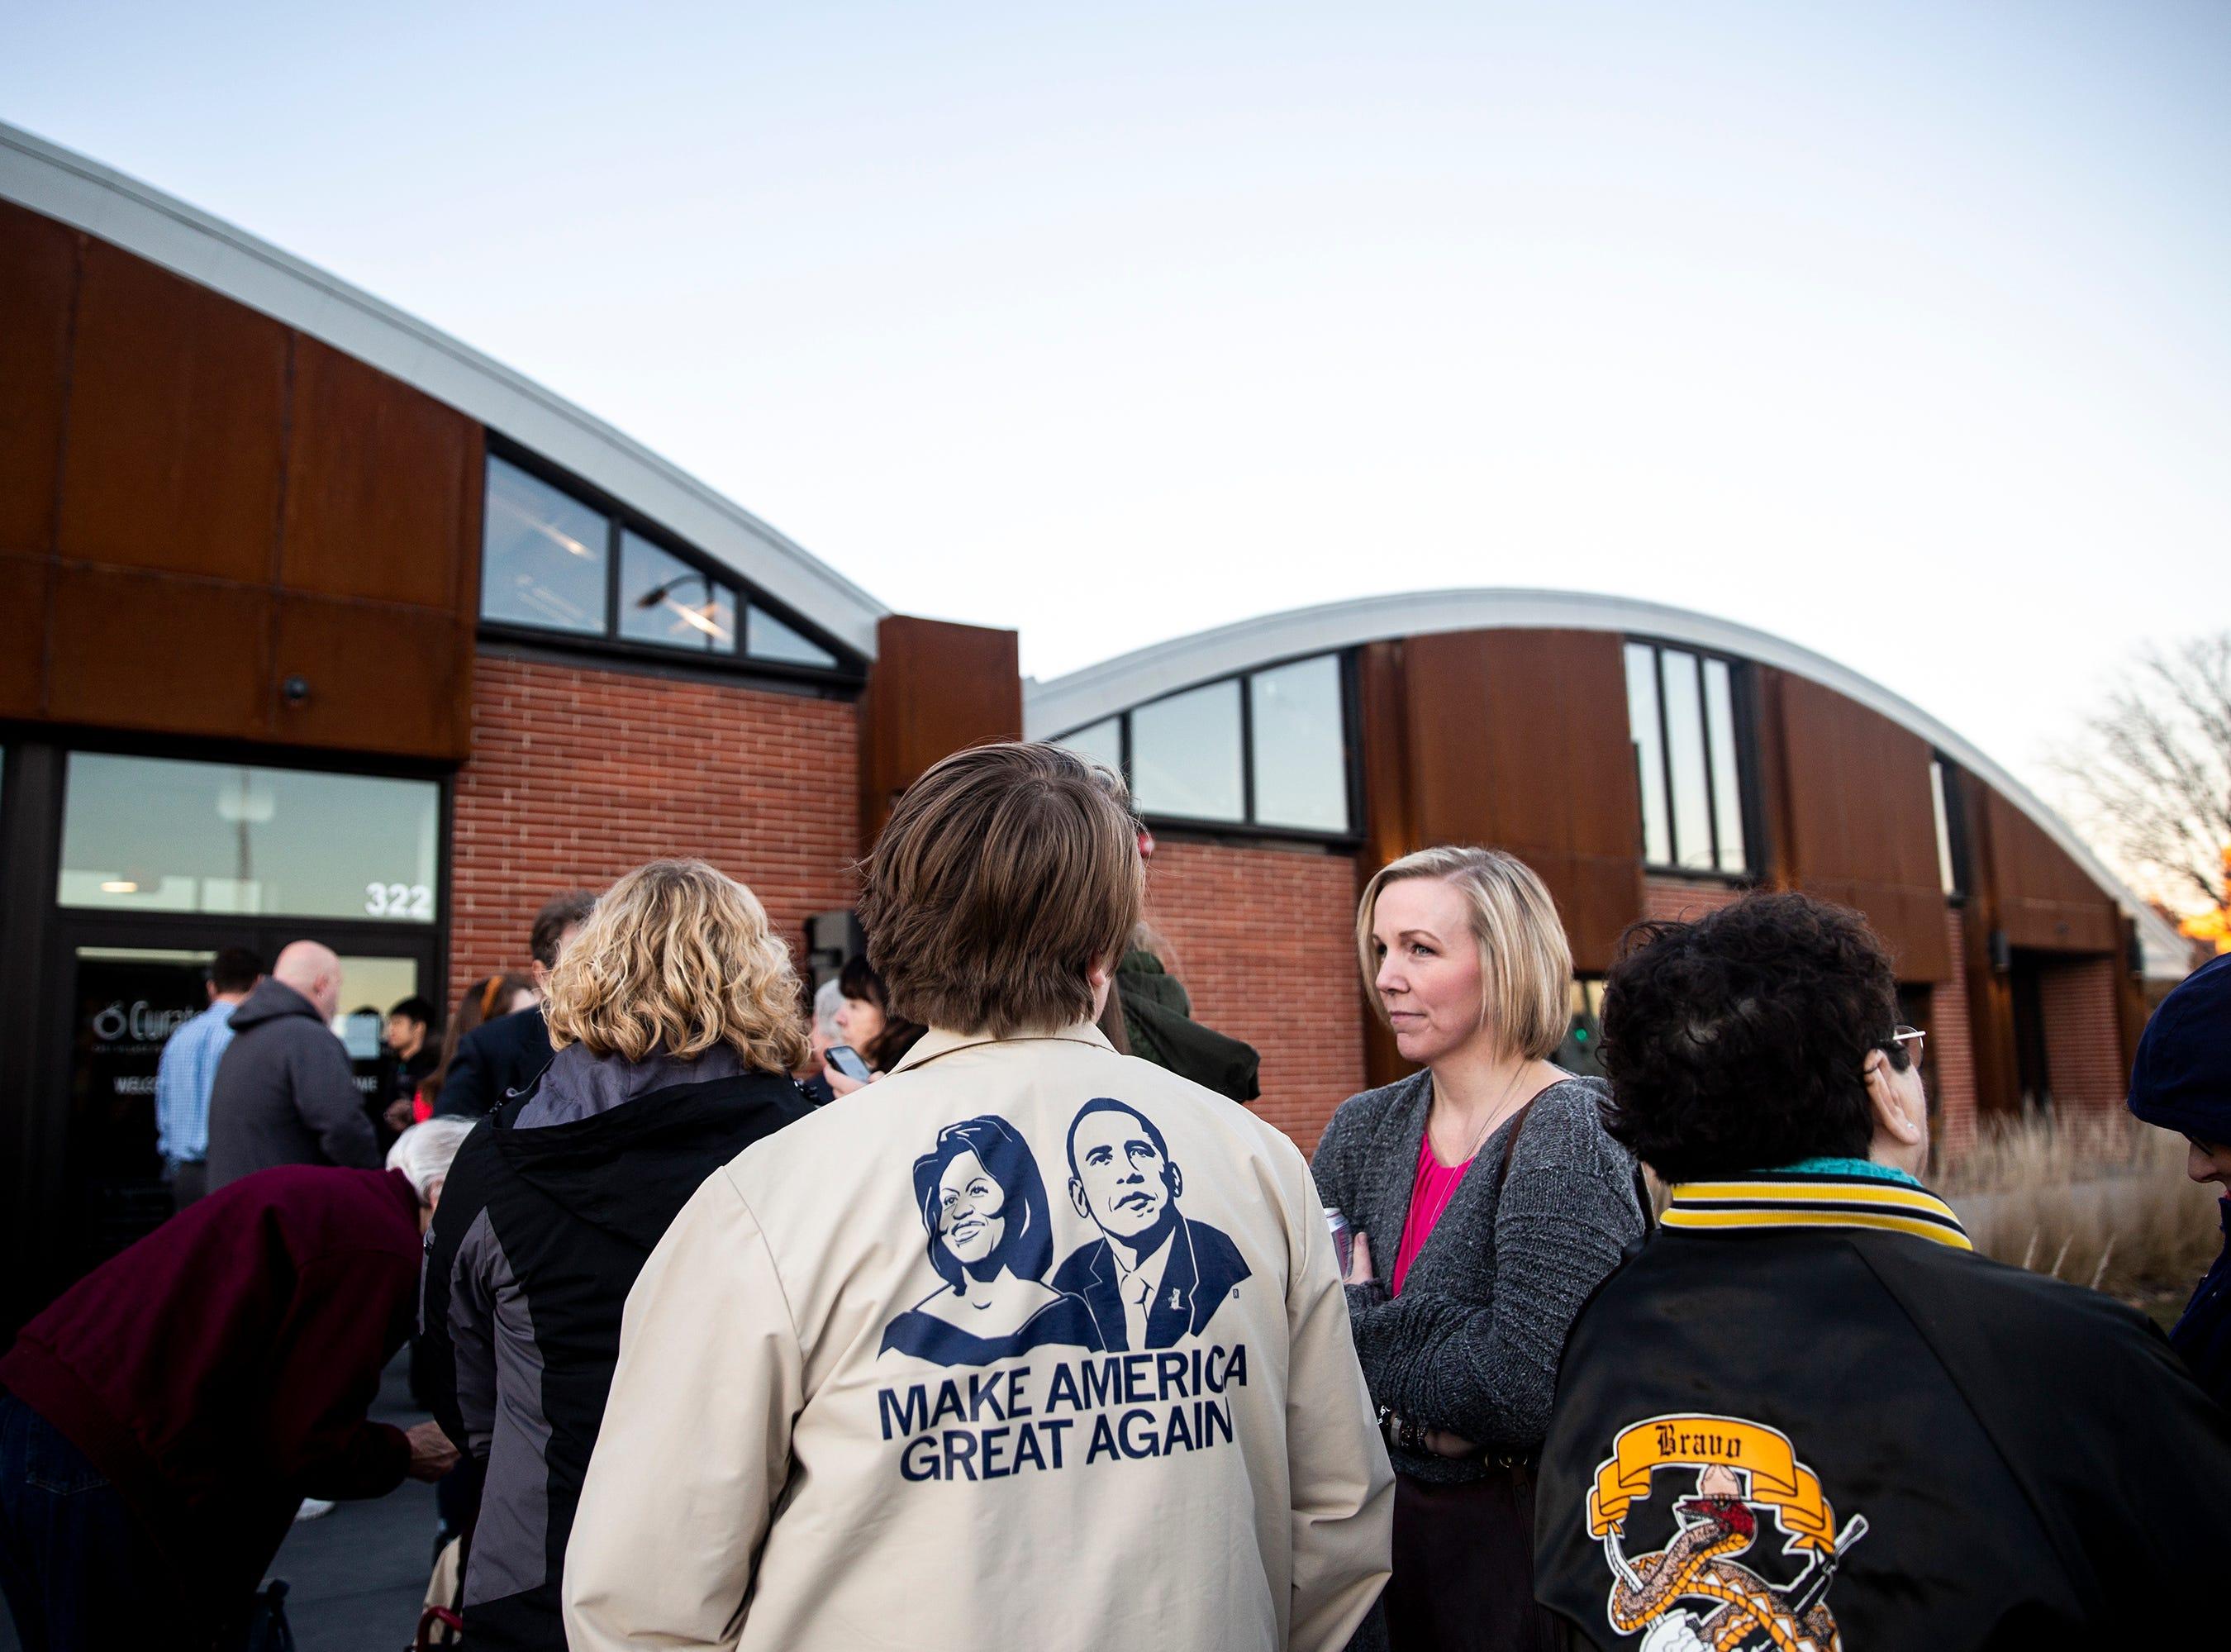 People wait in line to see Elizabeth Warren on Saturday, Jan. 5, 2019, in Des Moines.